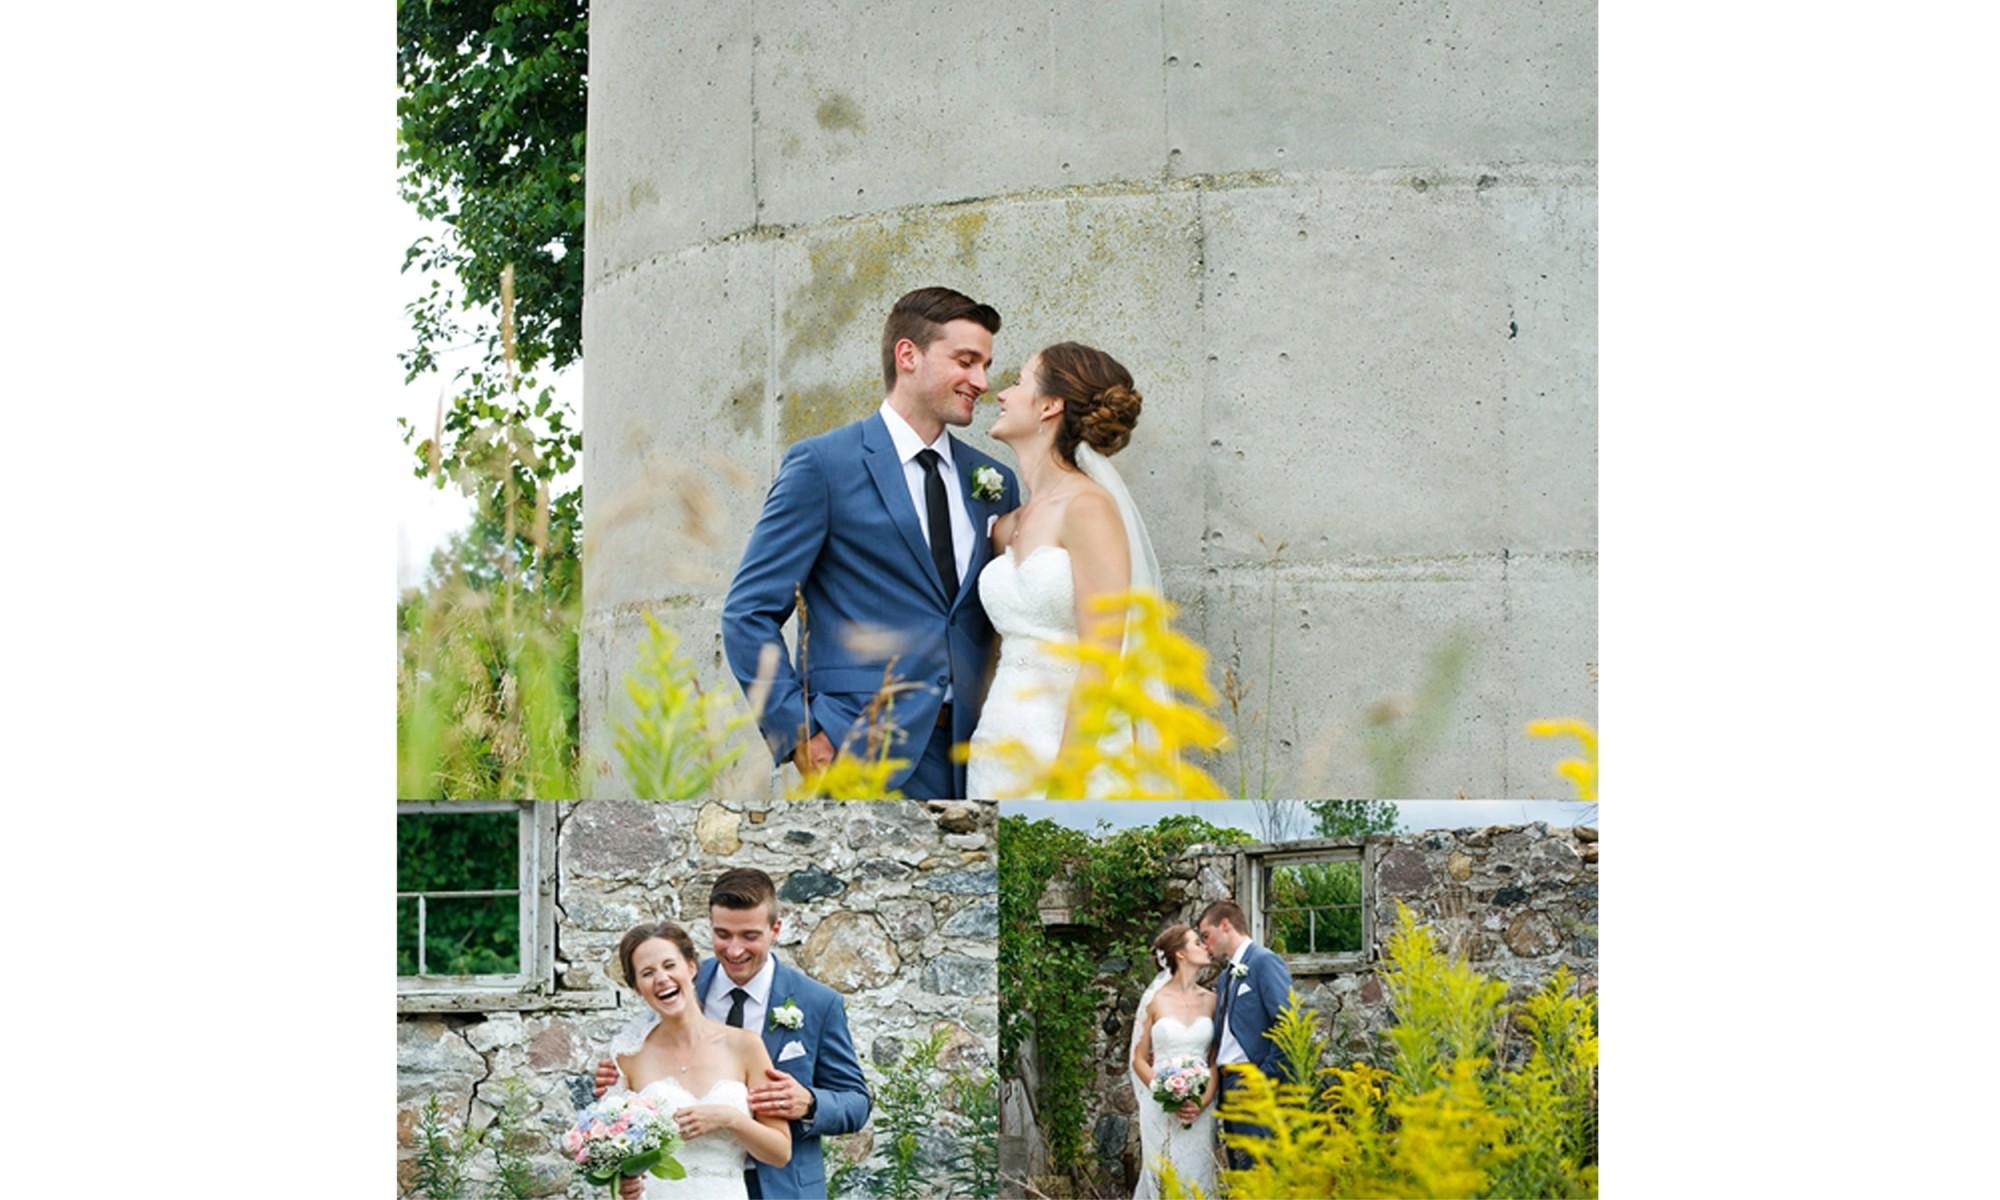 couple wedding photos at a farm